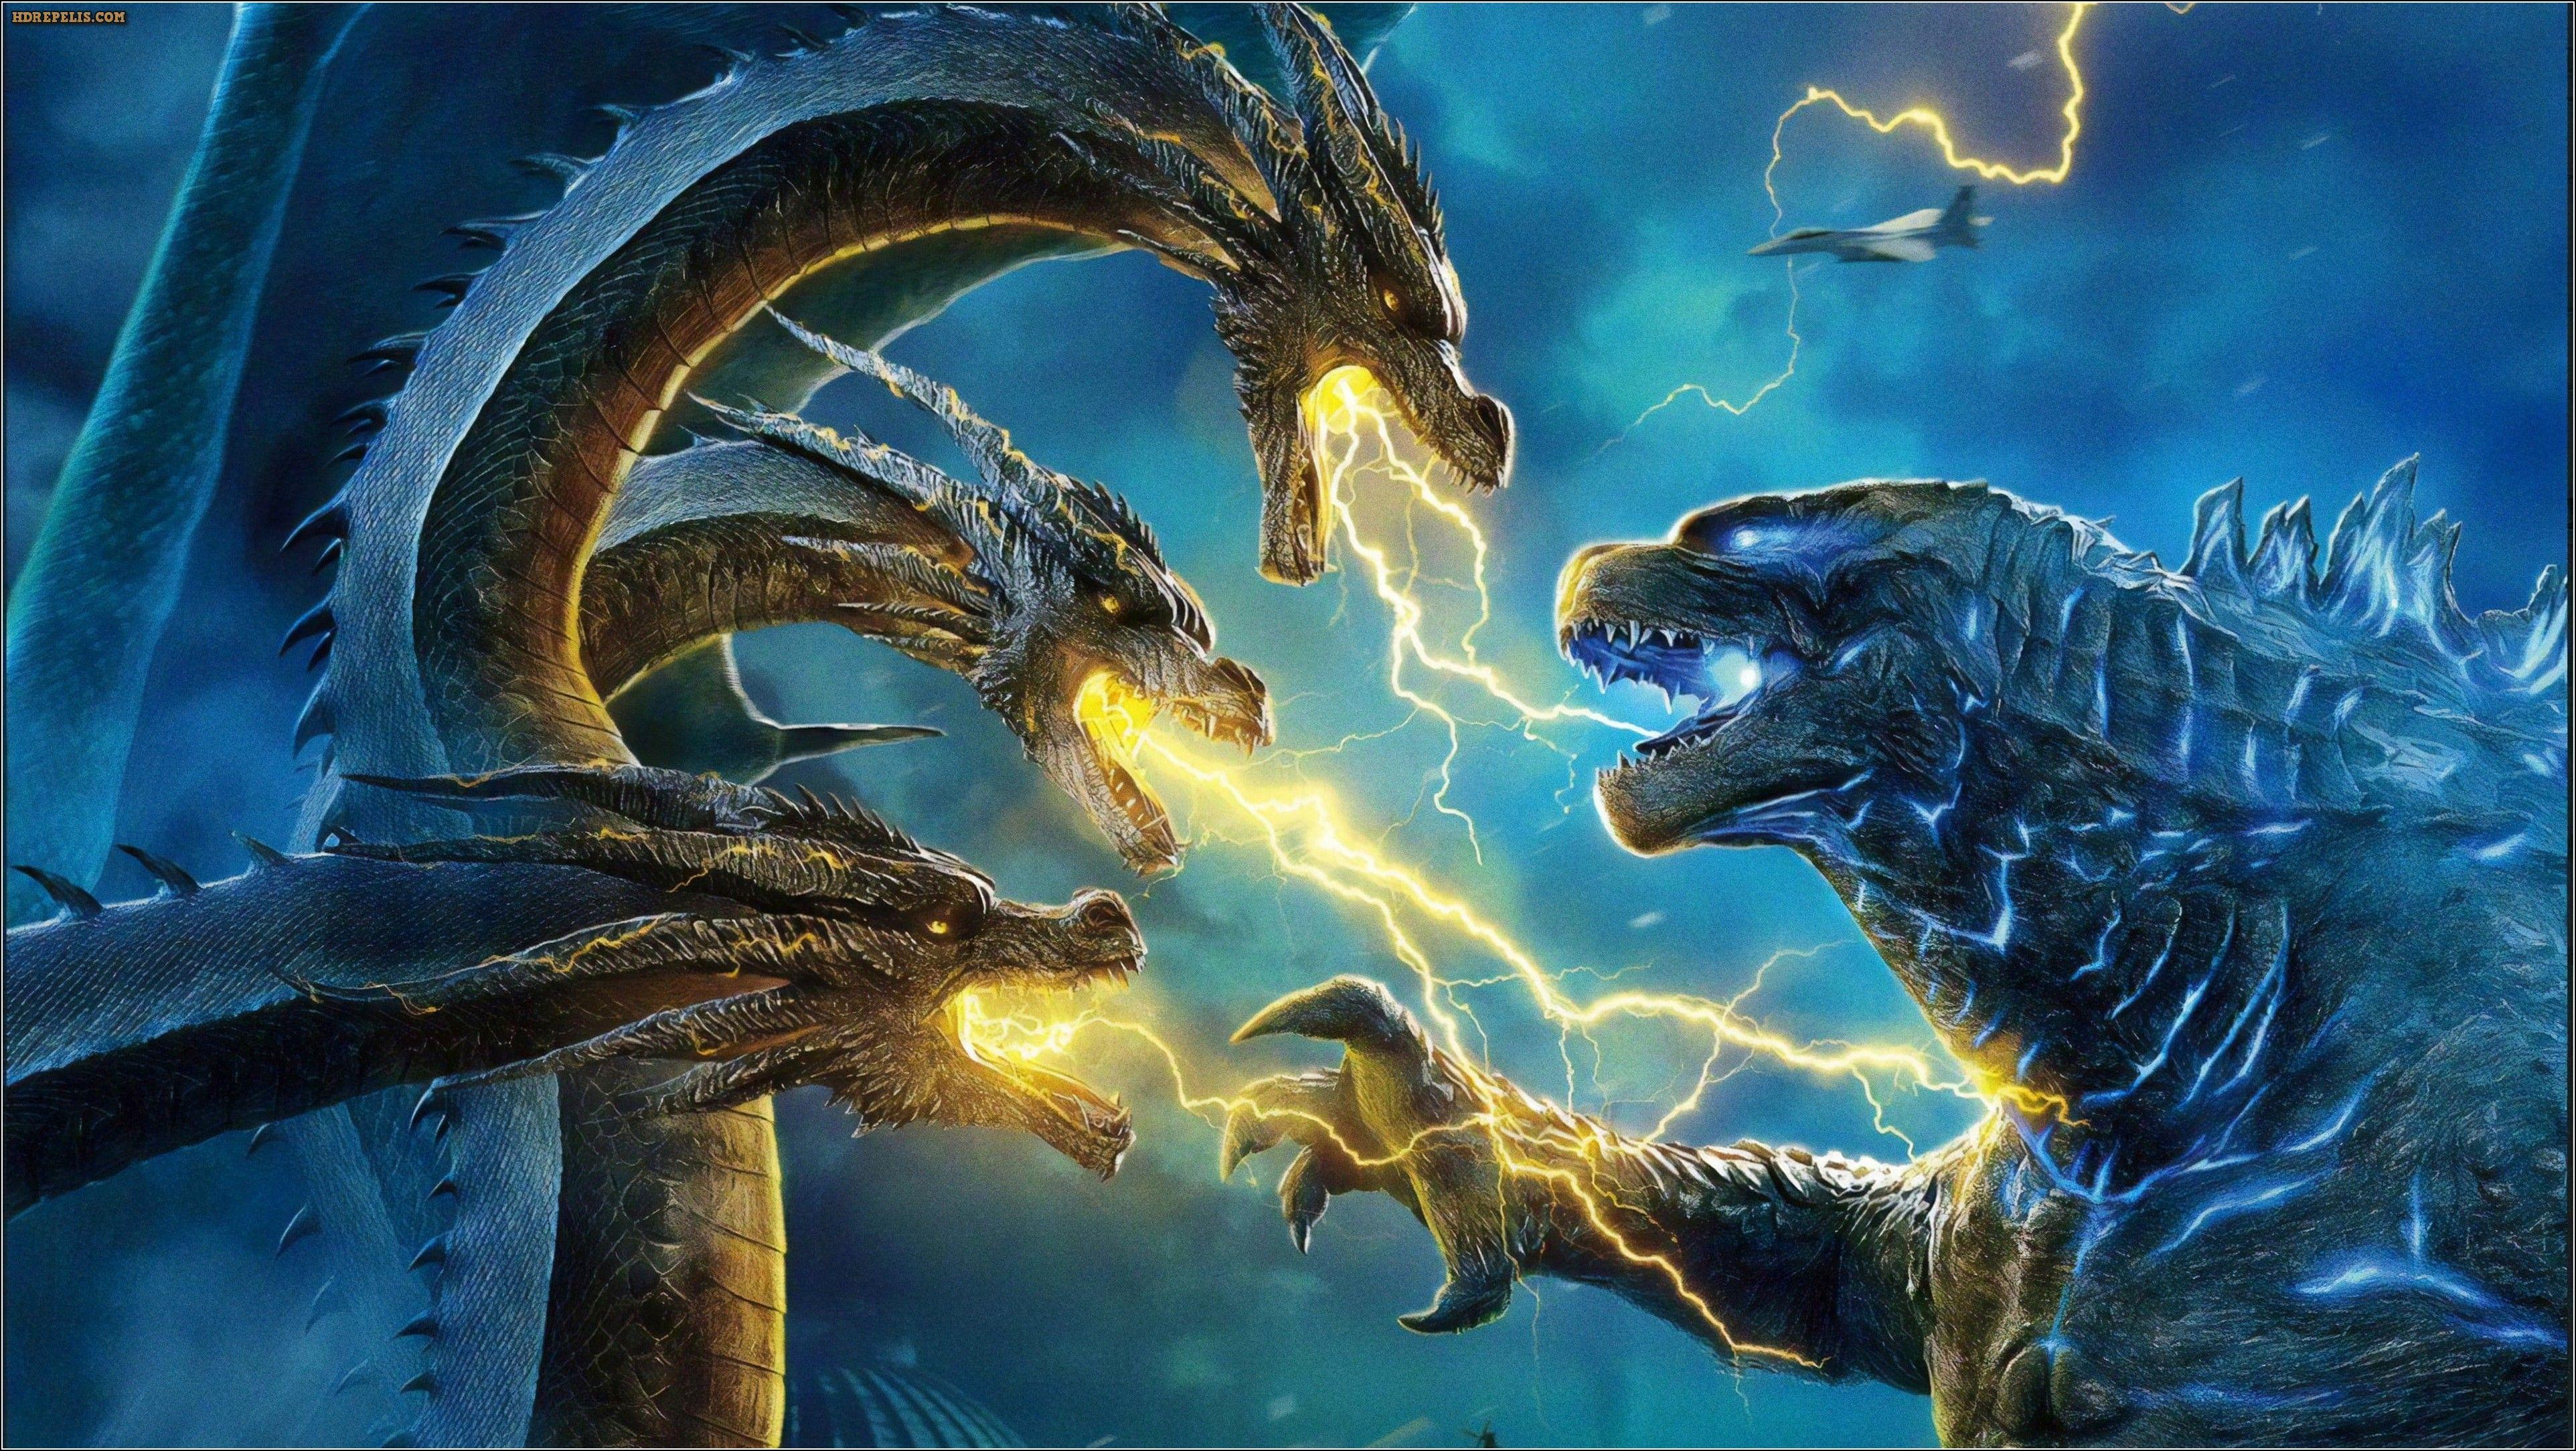 Pin En Ver Godzilla Rey De Los Monstruos Película Completa En Español Latino Online